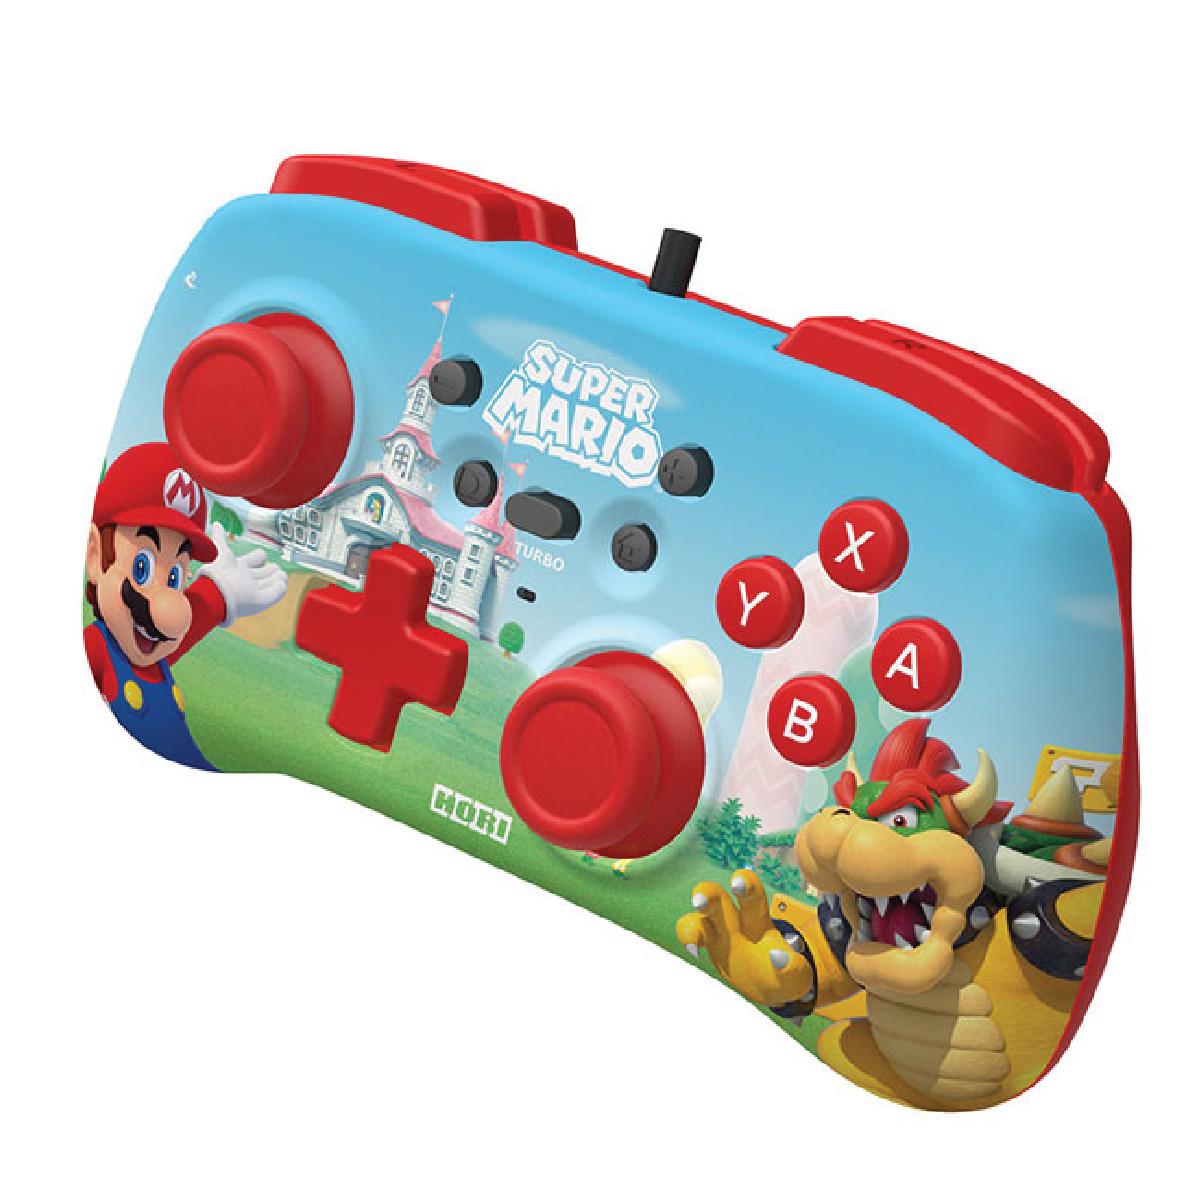 เกมคอนโทรลเลอร์ รุ่น Super Mario Minipad